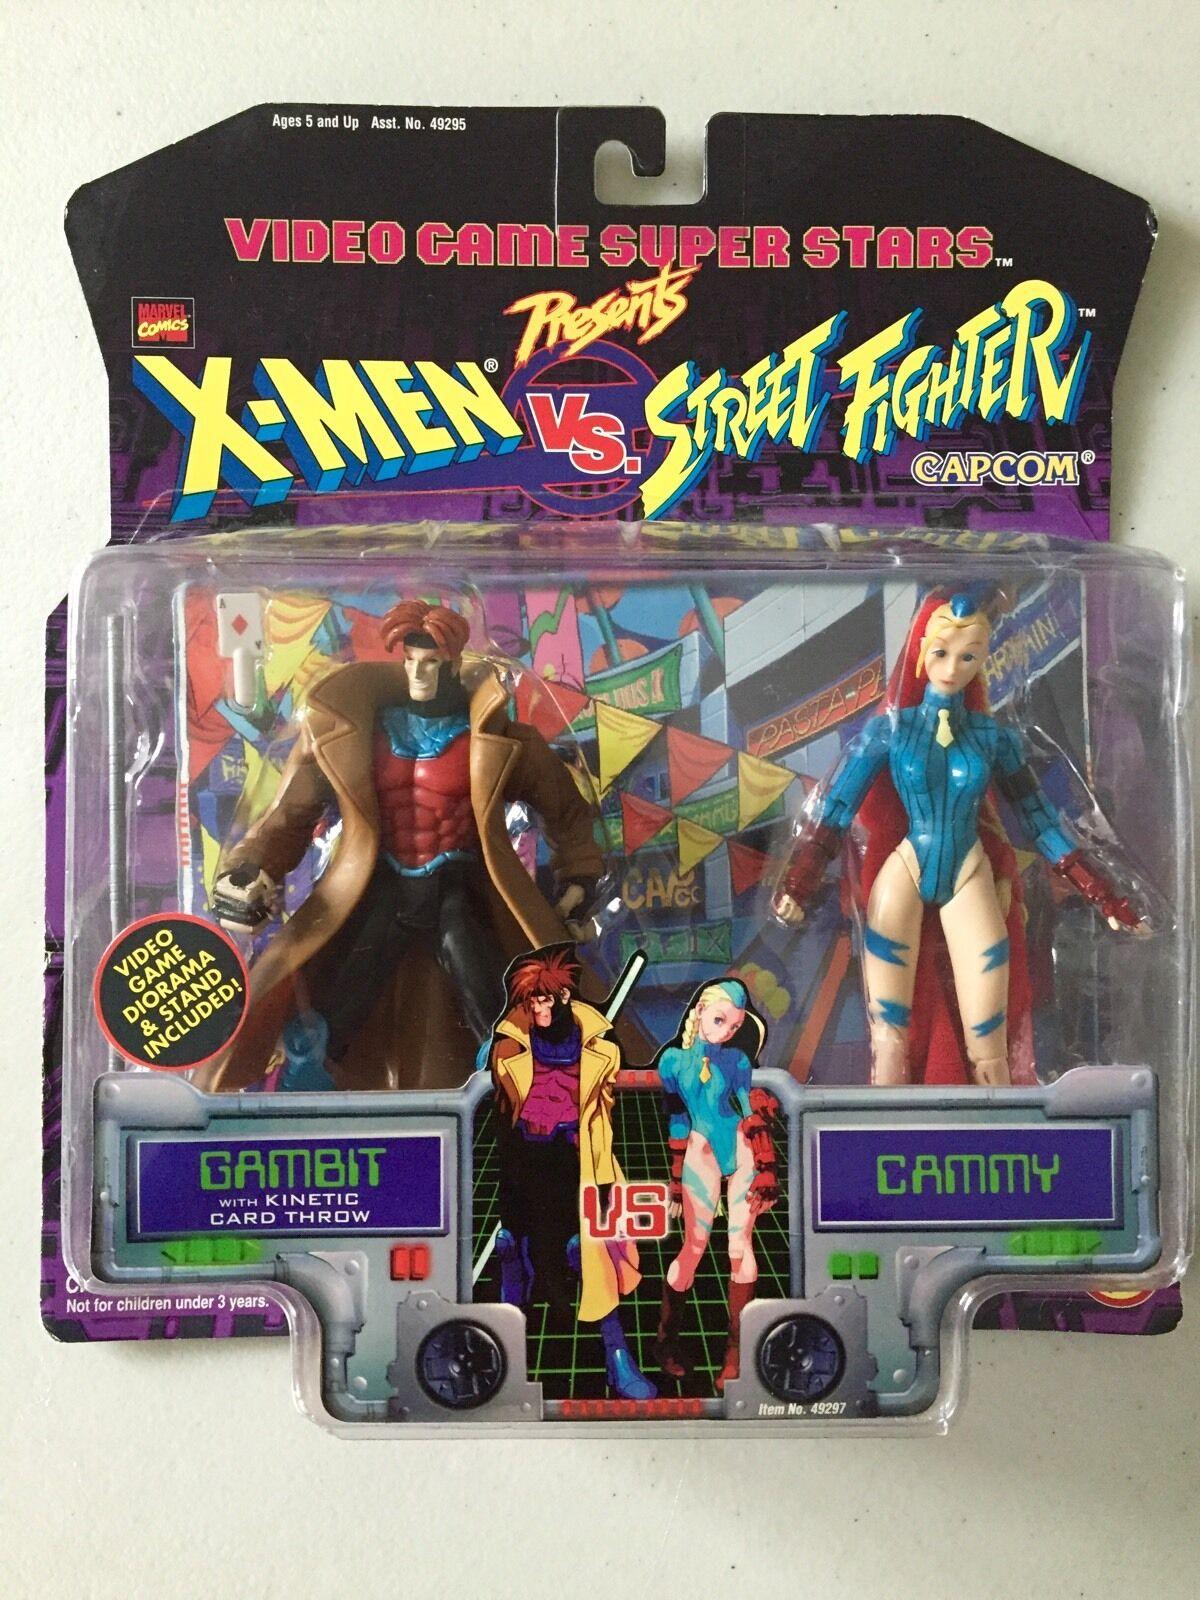 Xessi vs Street combatiente GAMBIT vs CAMMY giocattolo Biz Video gioco Super estrellas 1998